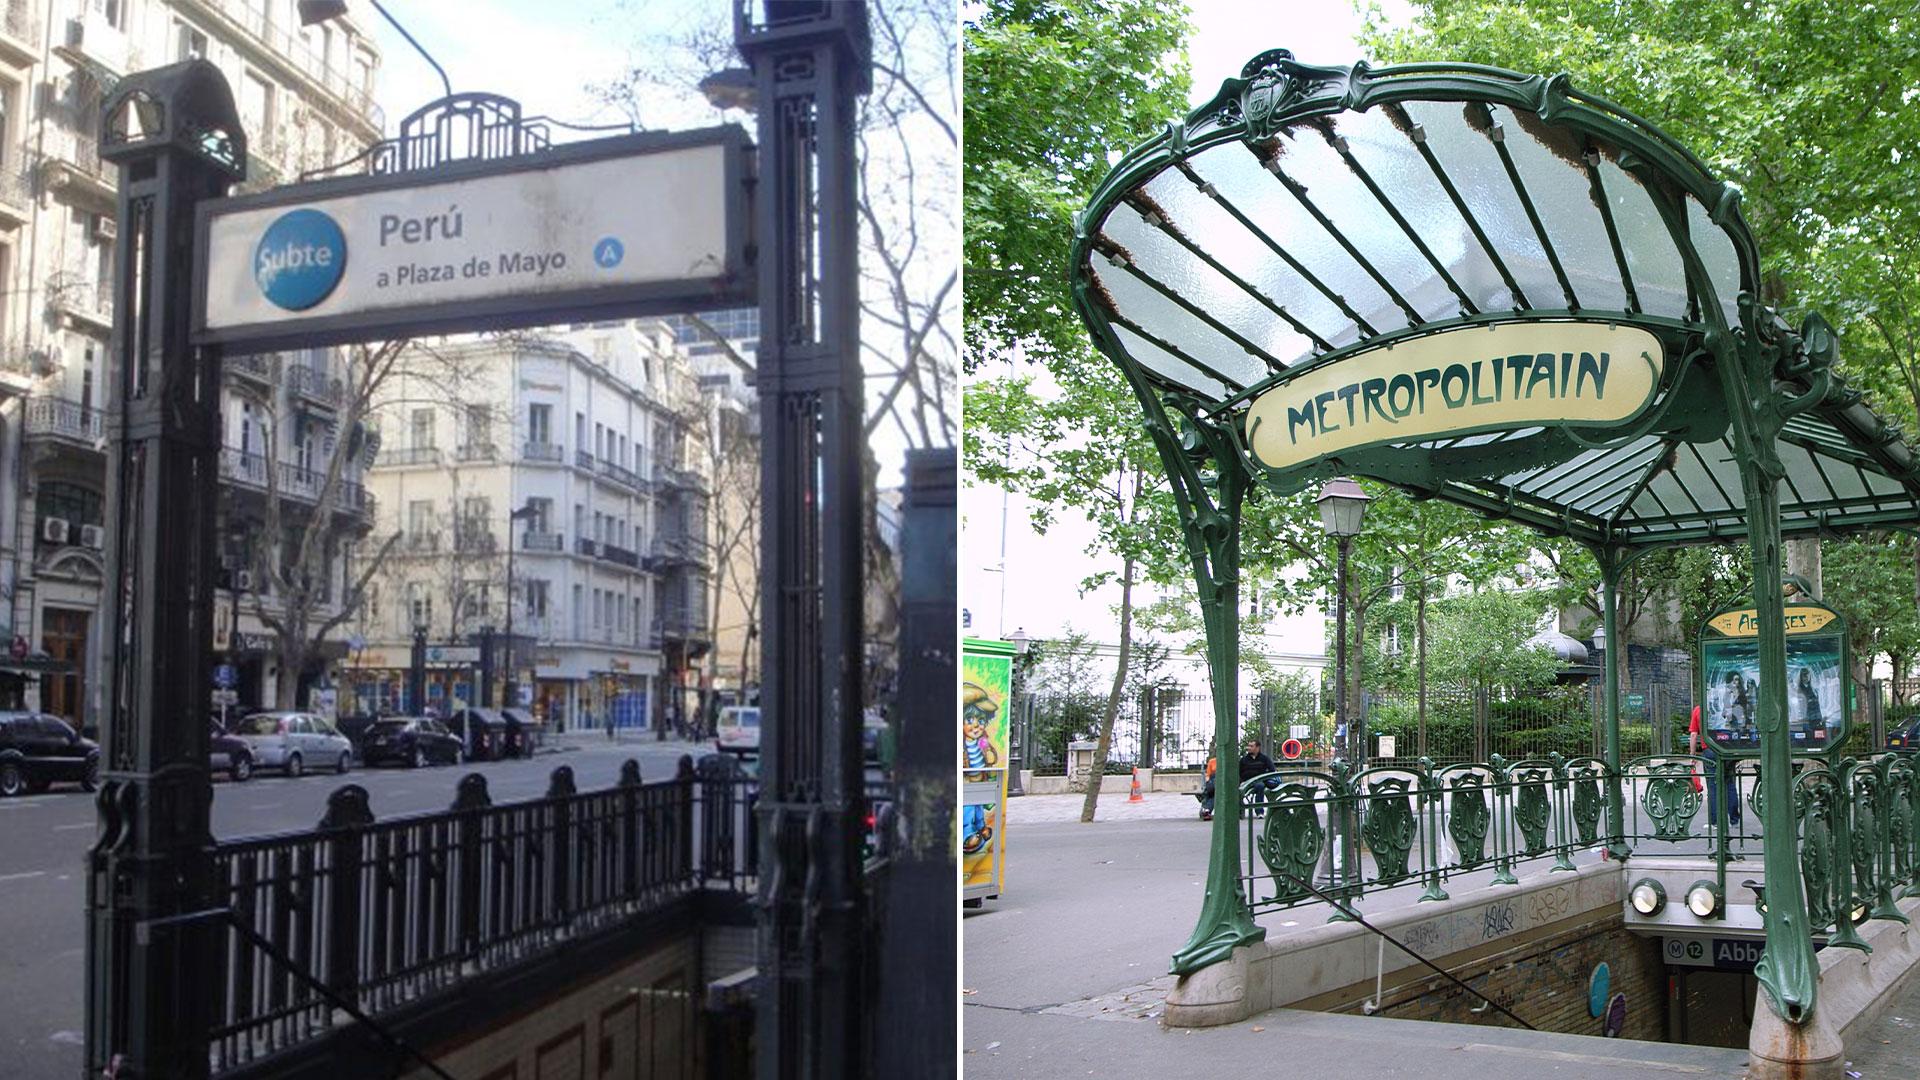 la RATP (metro, buses, tranvía y RER de París) aspira a sustituir a Metrovías en la operación y mantenimiento de los subterráneos de Buenos Aires